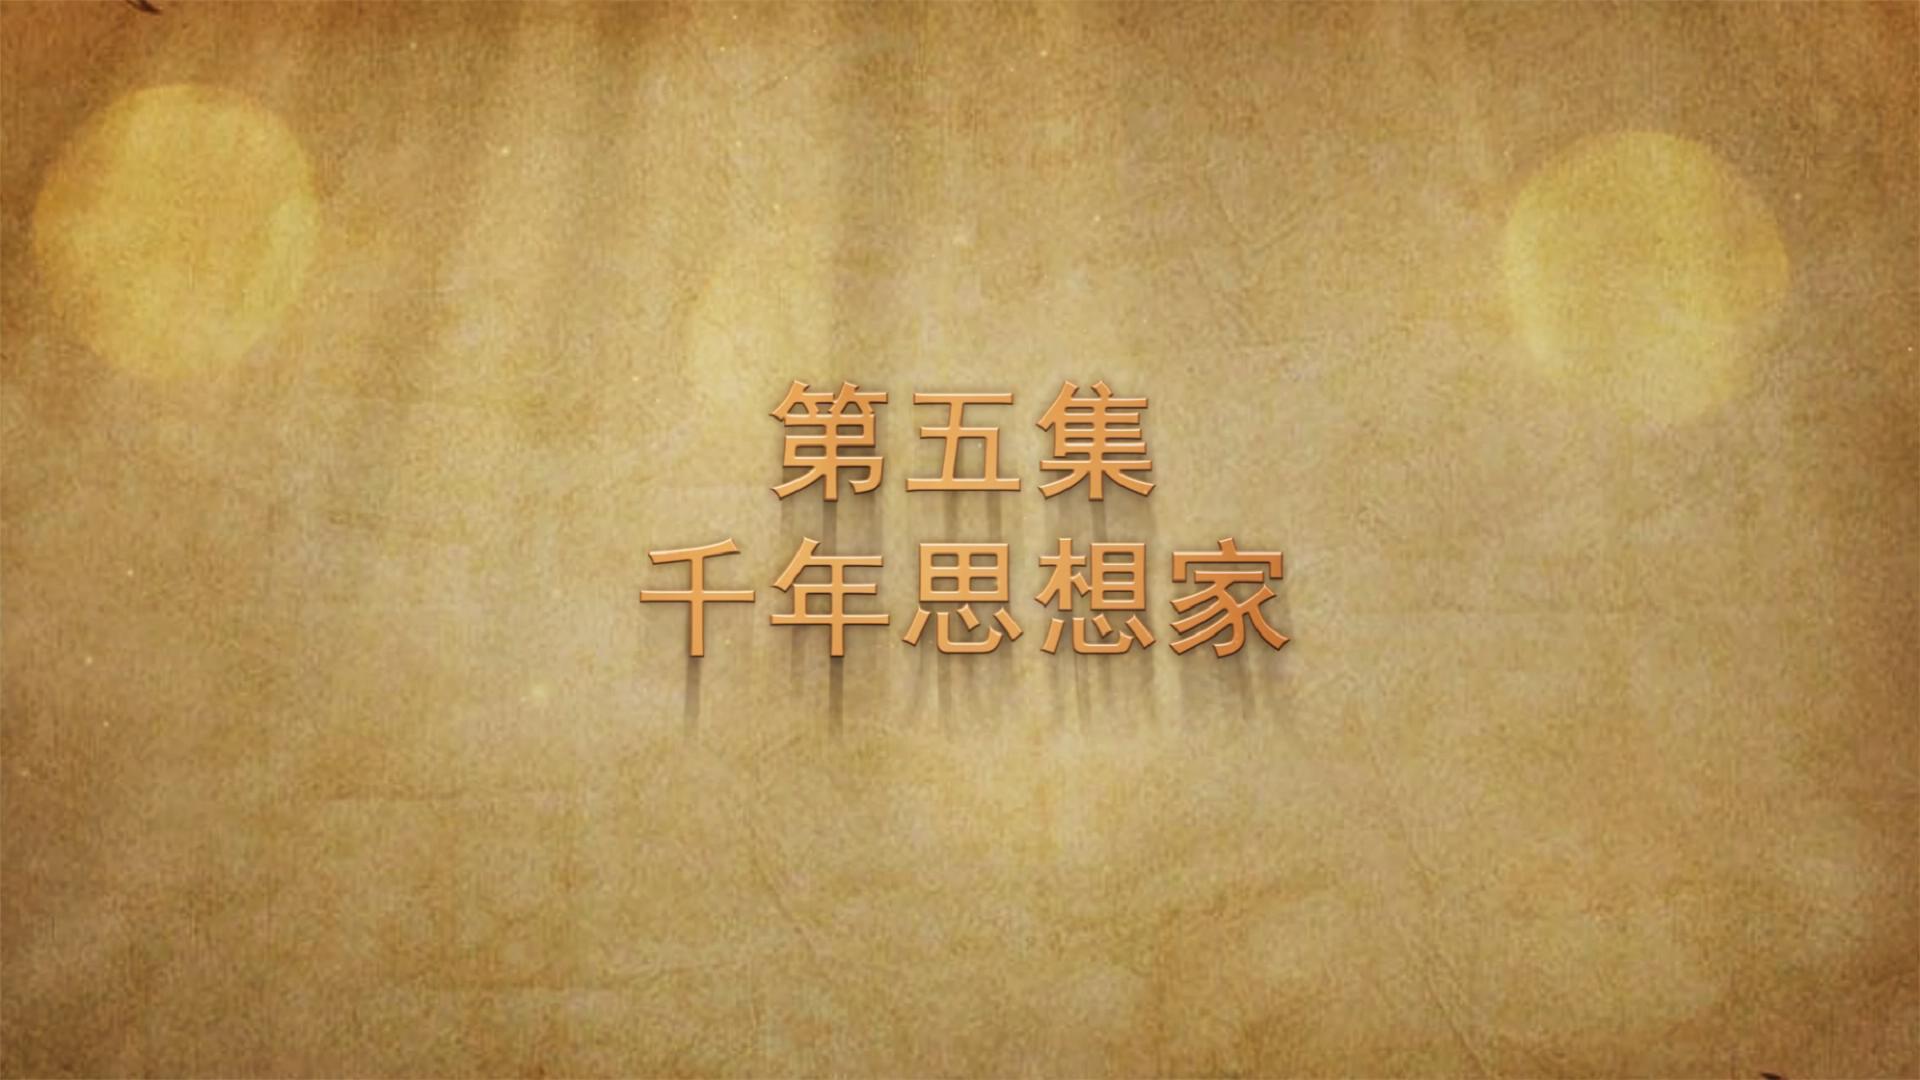 第五集 千年思想家  卫视版0426(4分50秒)